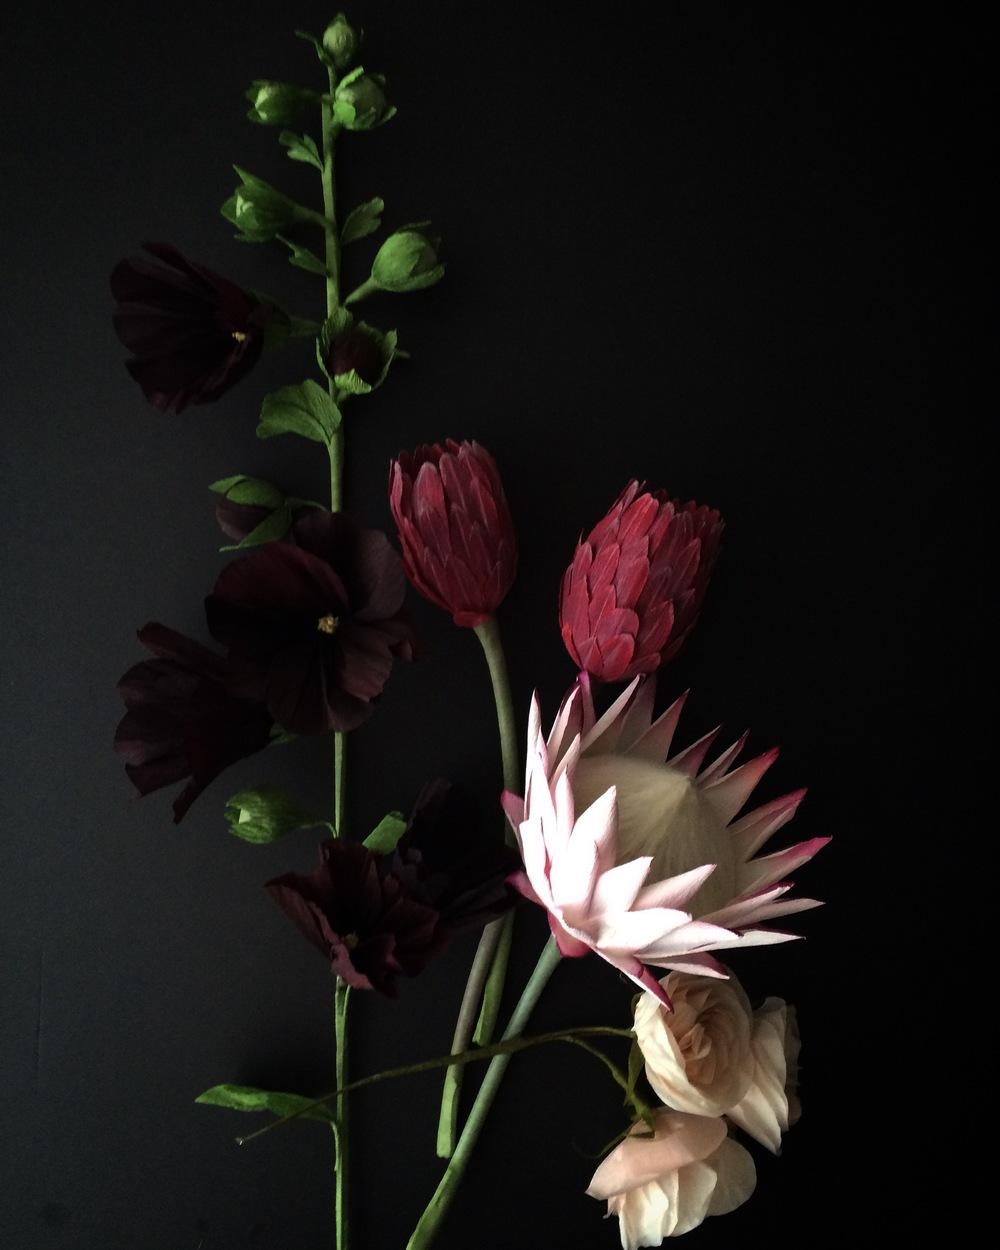 proteas, hollyhocks, garden roses